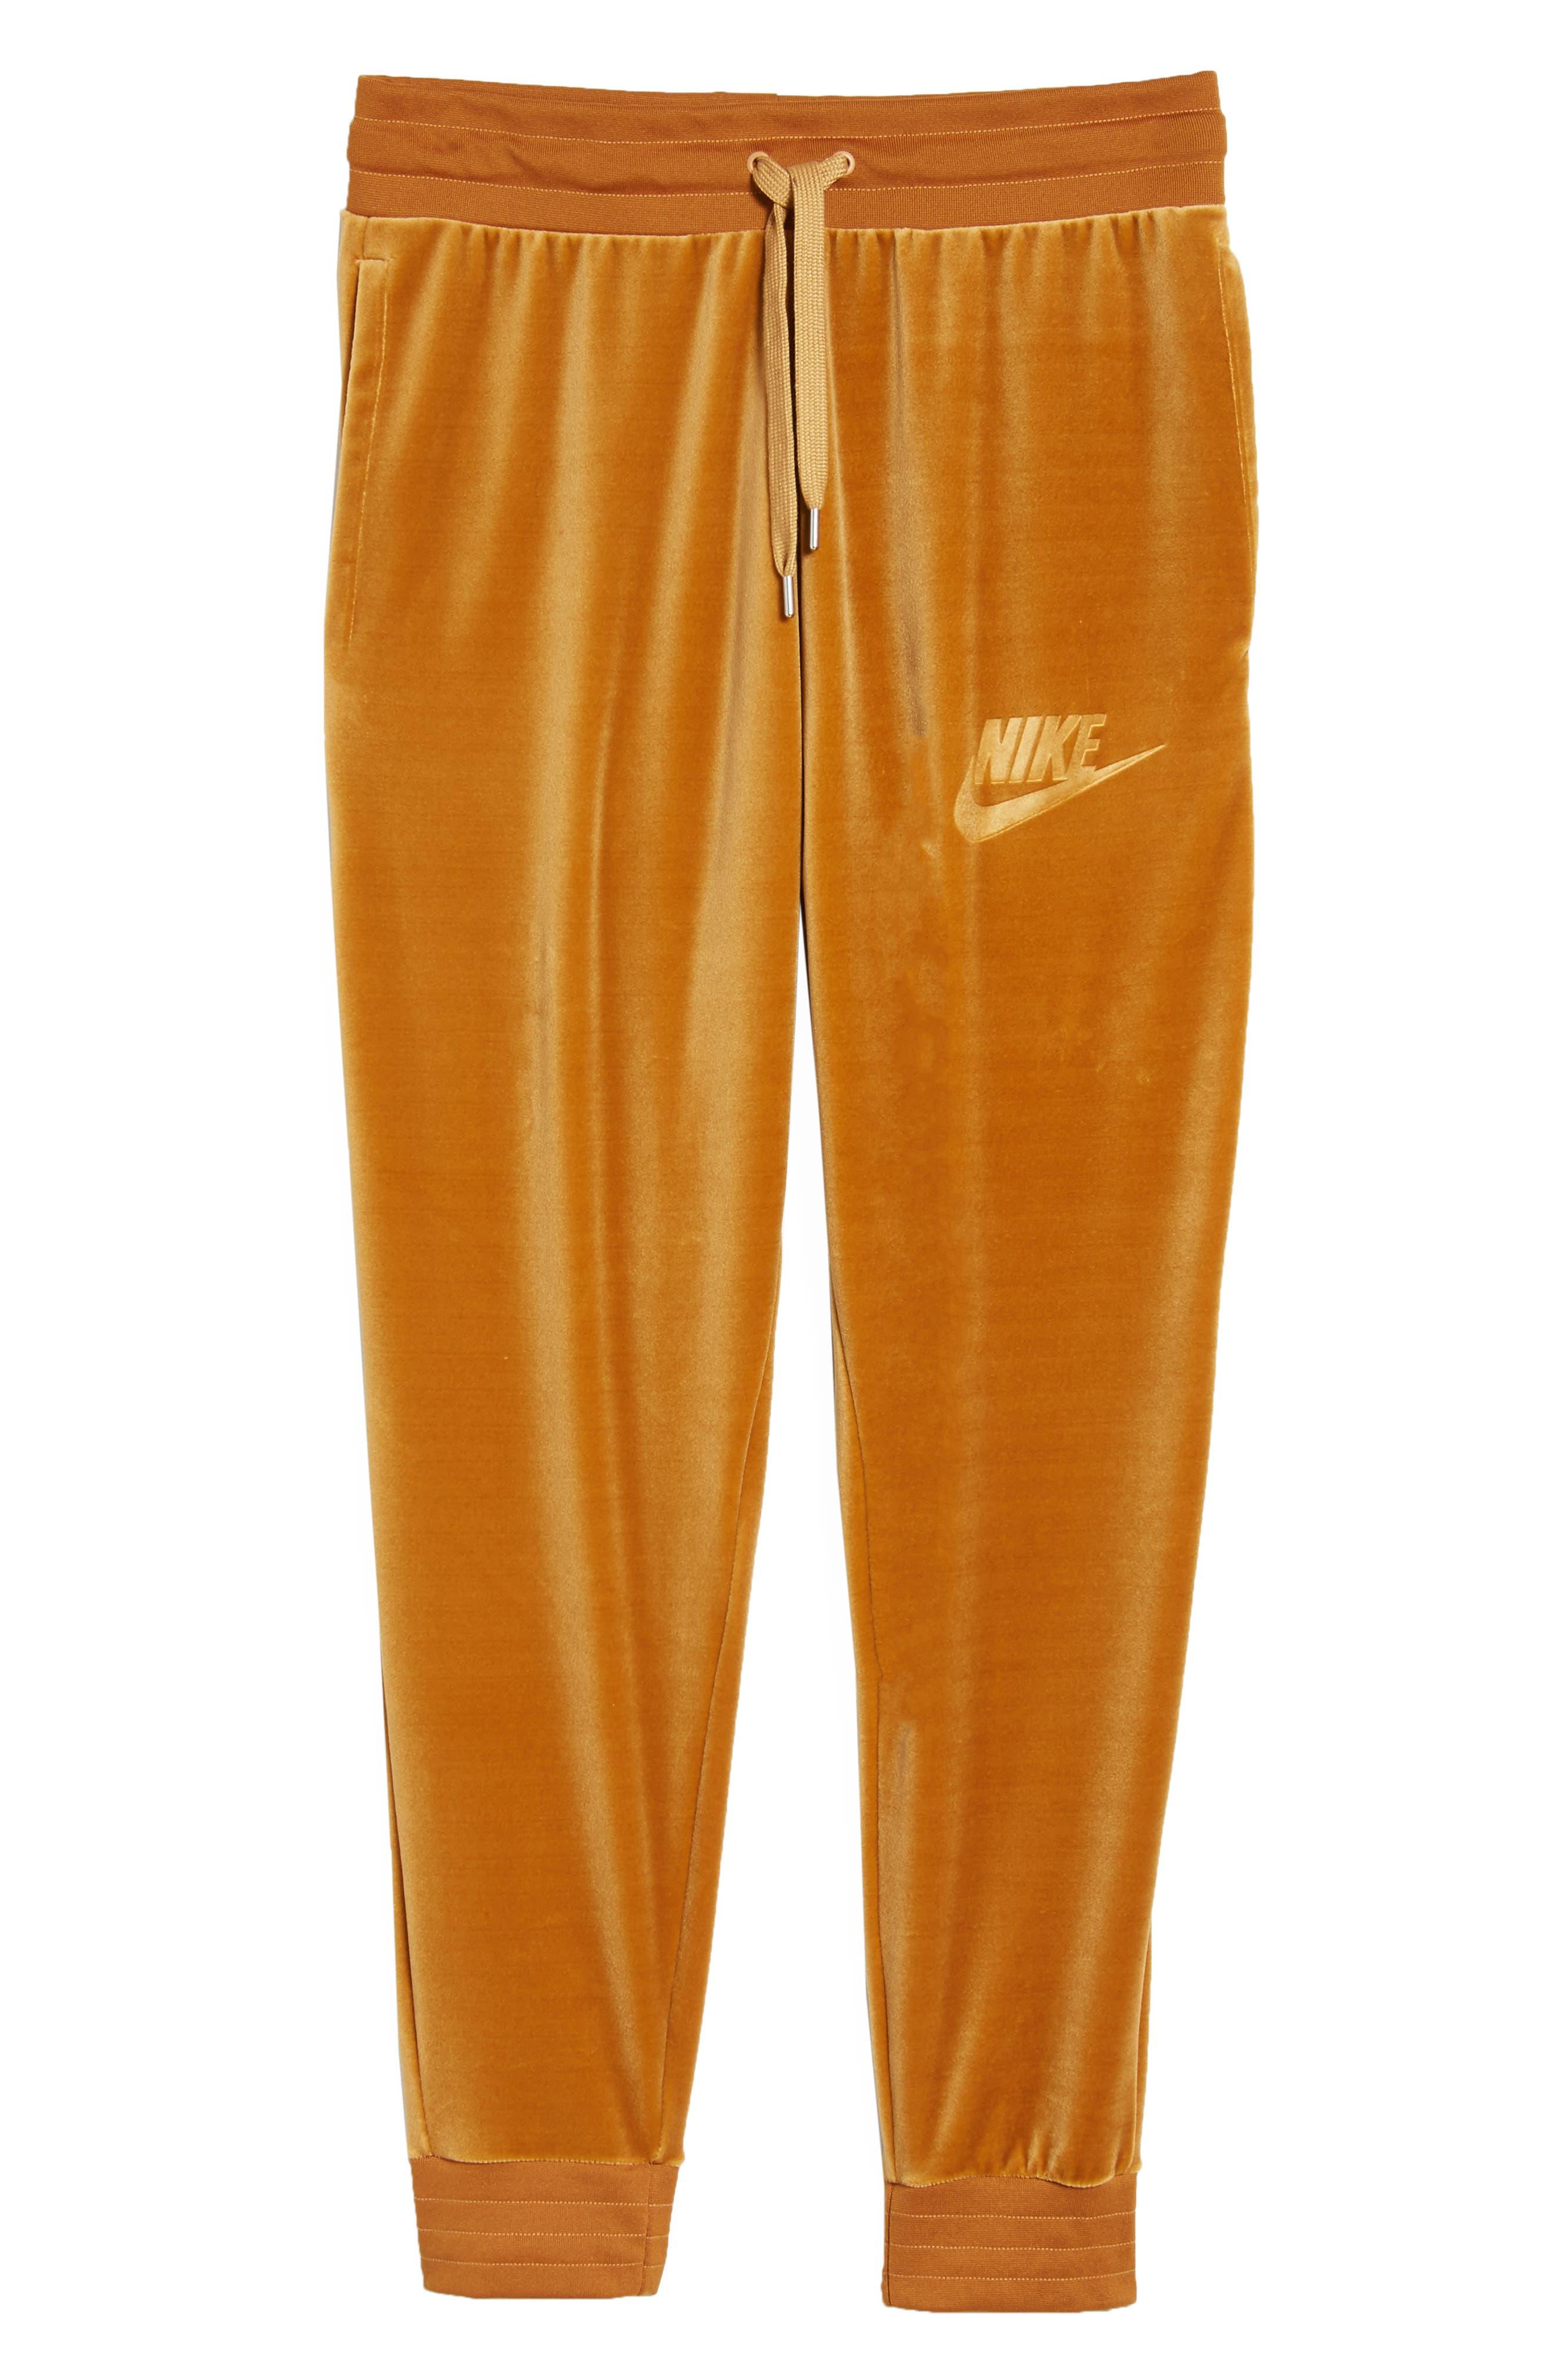 NIKE,                             Plush Velvet Jogger Pants,                             Alternate thumbnail 6, color,                             042